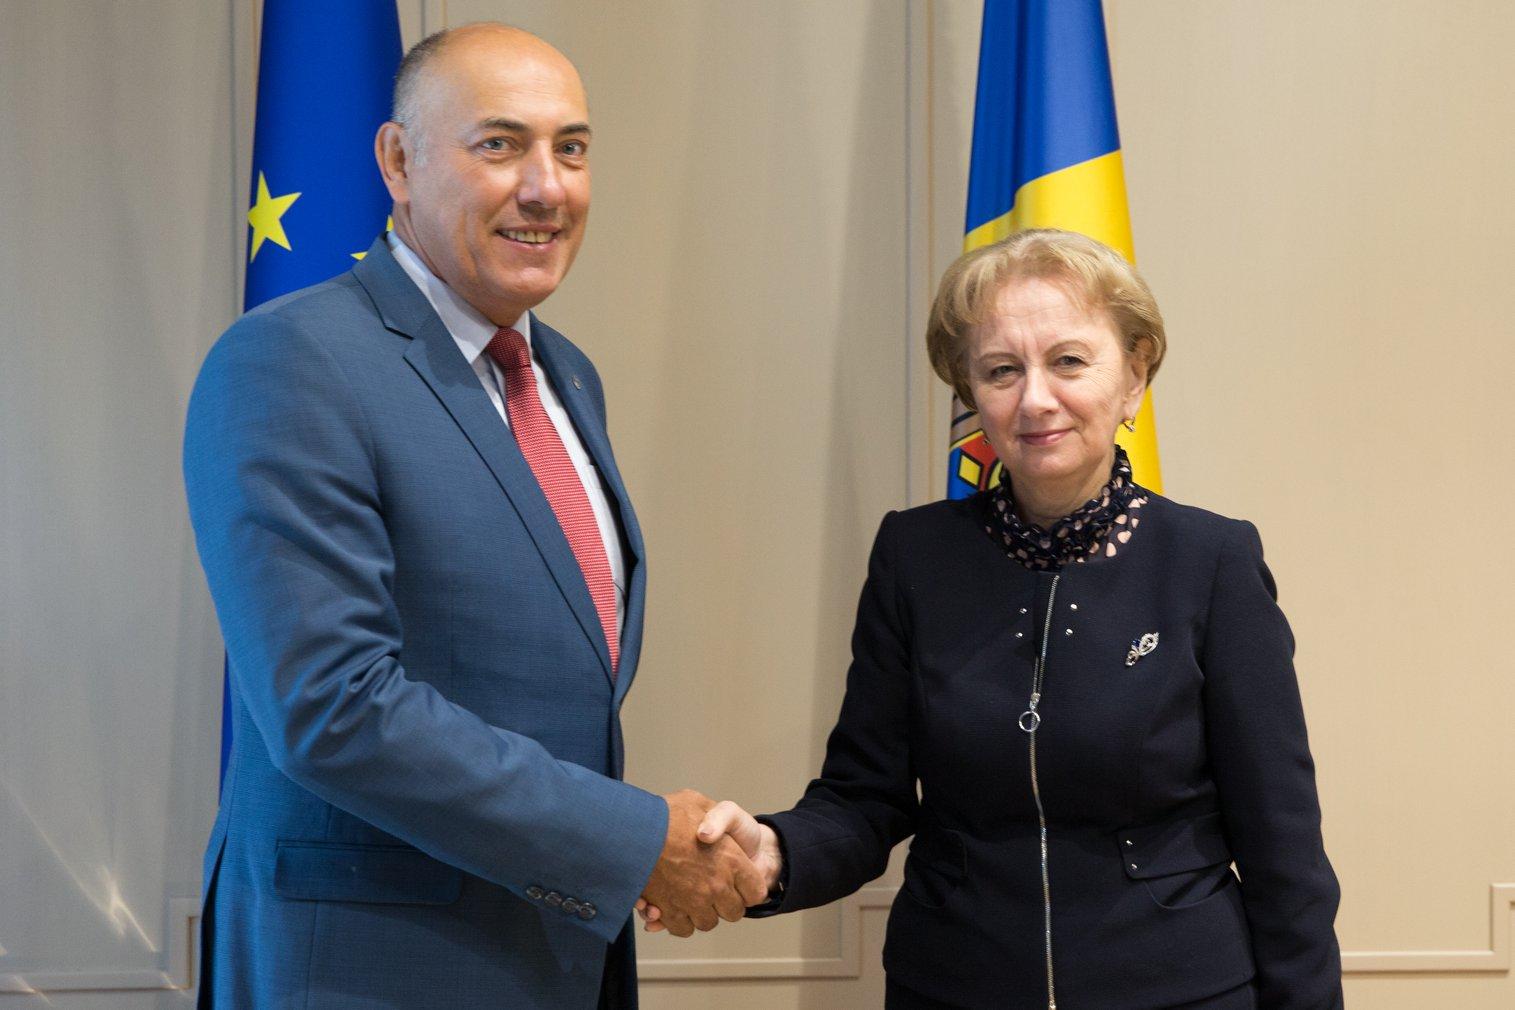 В декабре в Молдове впервые пройдет встреча спикеров в рамках «Сотрудничества между Северными и Балтийскими странами» (ФОТО)